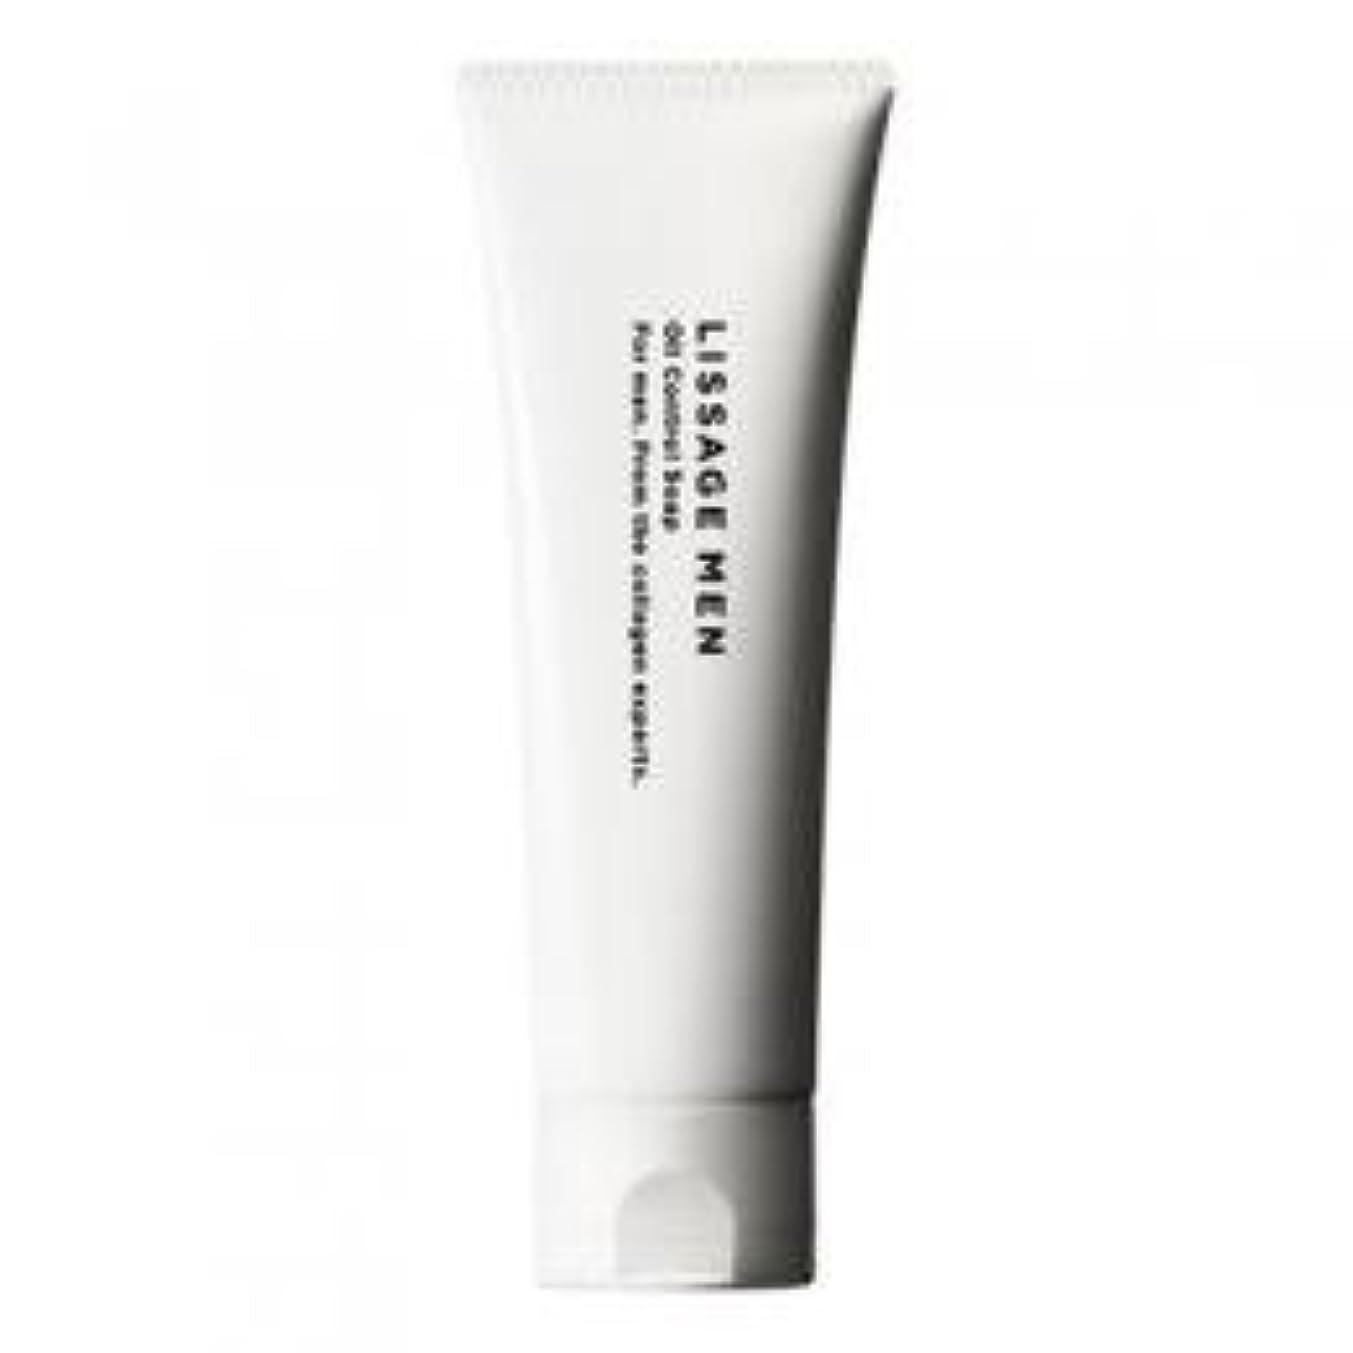 ハンディキャップ開示する伝染病リサージメン オイルコントロールソープ 120g  男性用 洗顔料   (メンズ スキンケア)